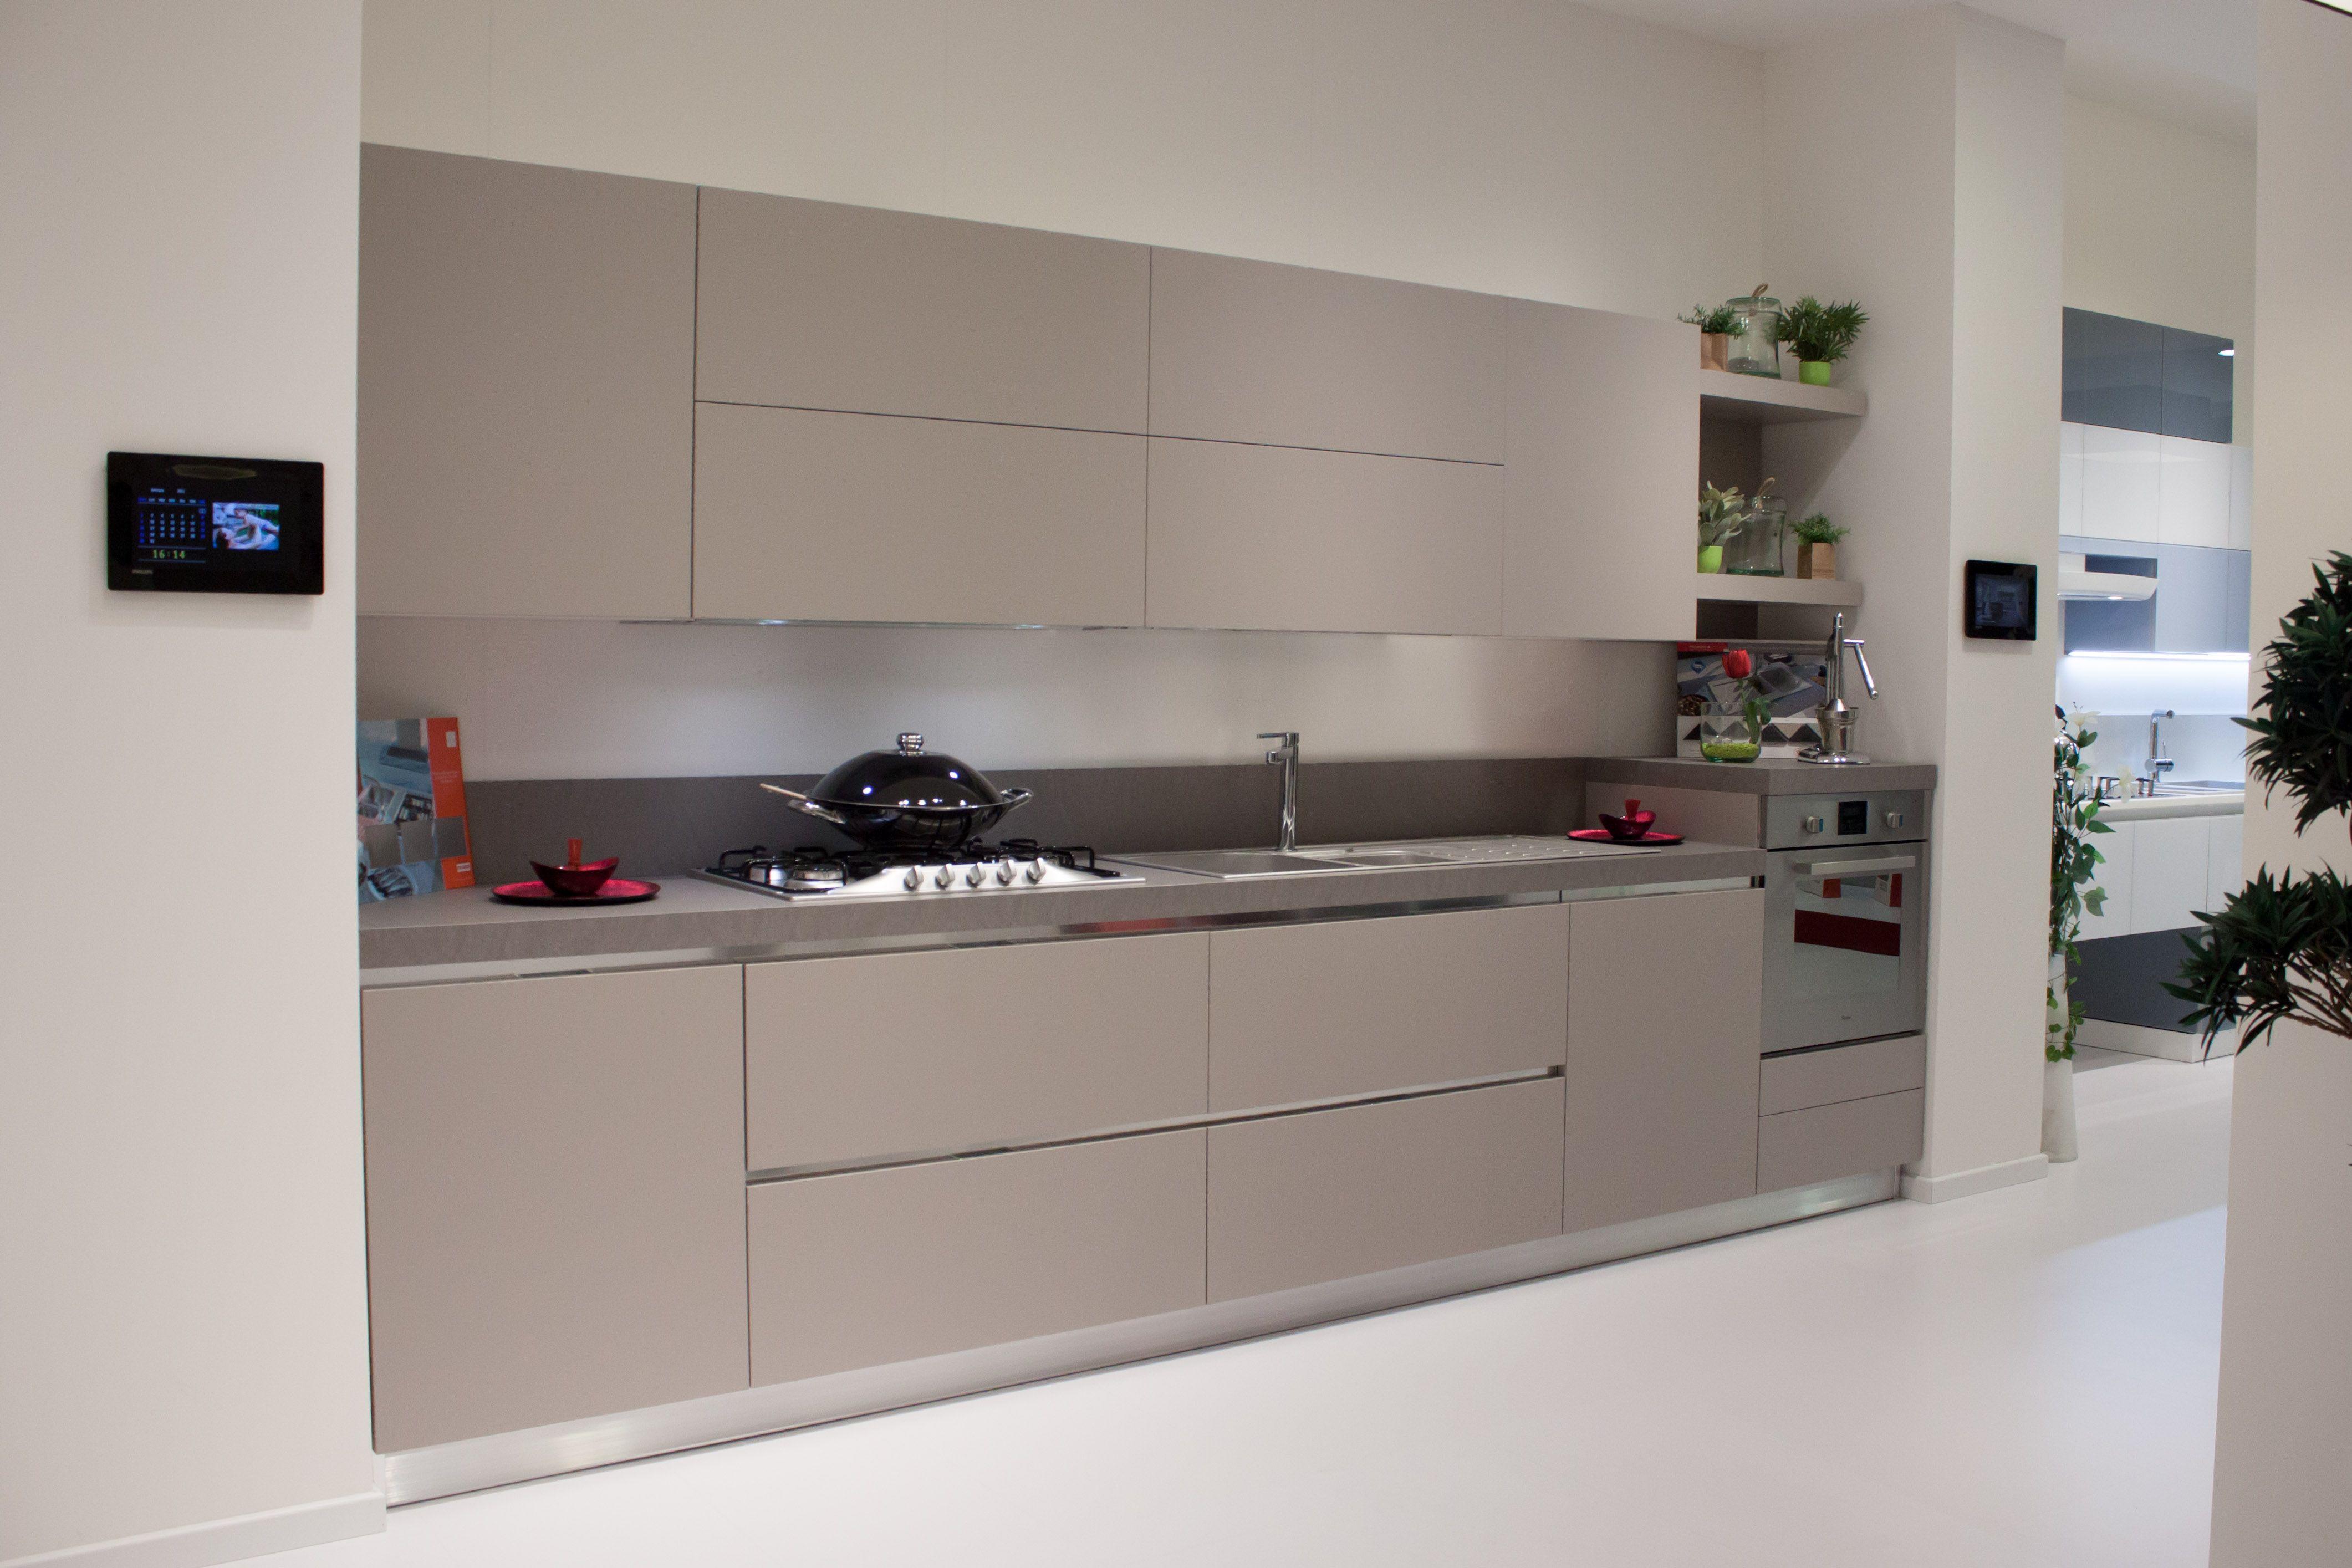 cucine moderne scavolini in esponisizione nello store di napoli, Hause ideen